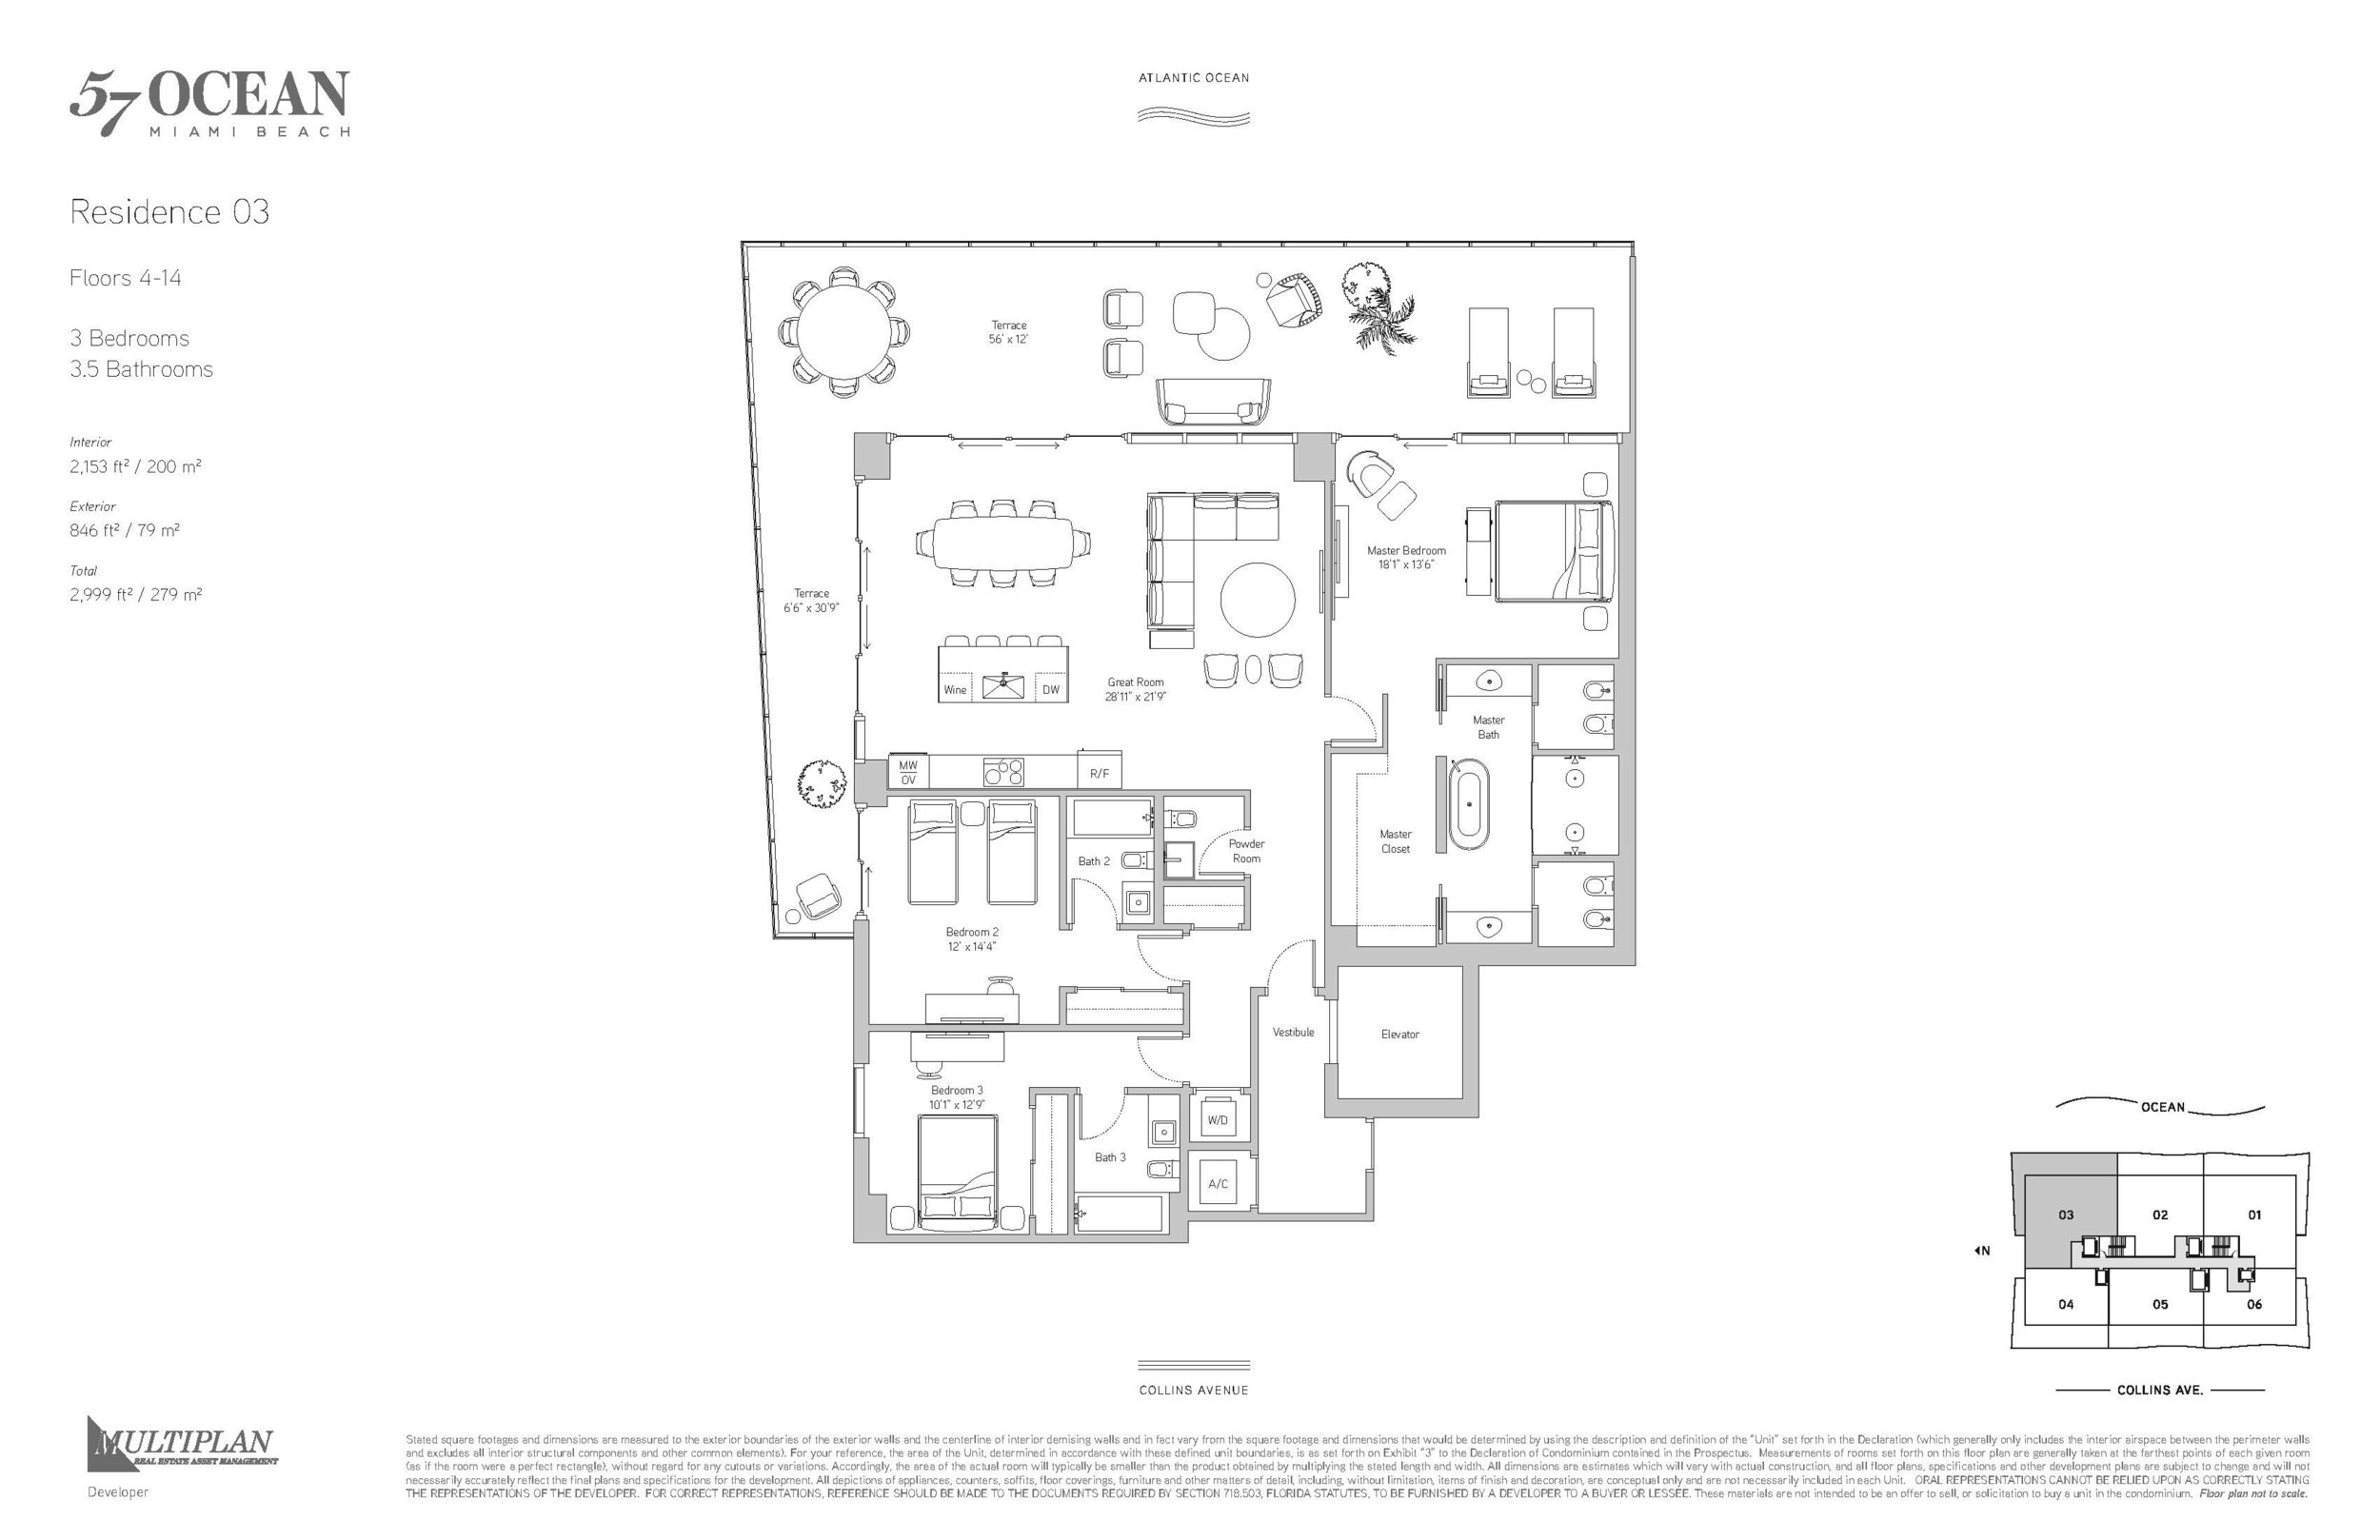 57 Ocean Floor Plans - 3 Bedrooms 03-Line